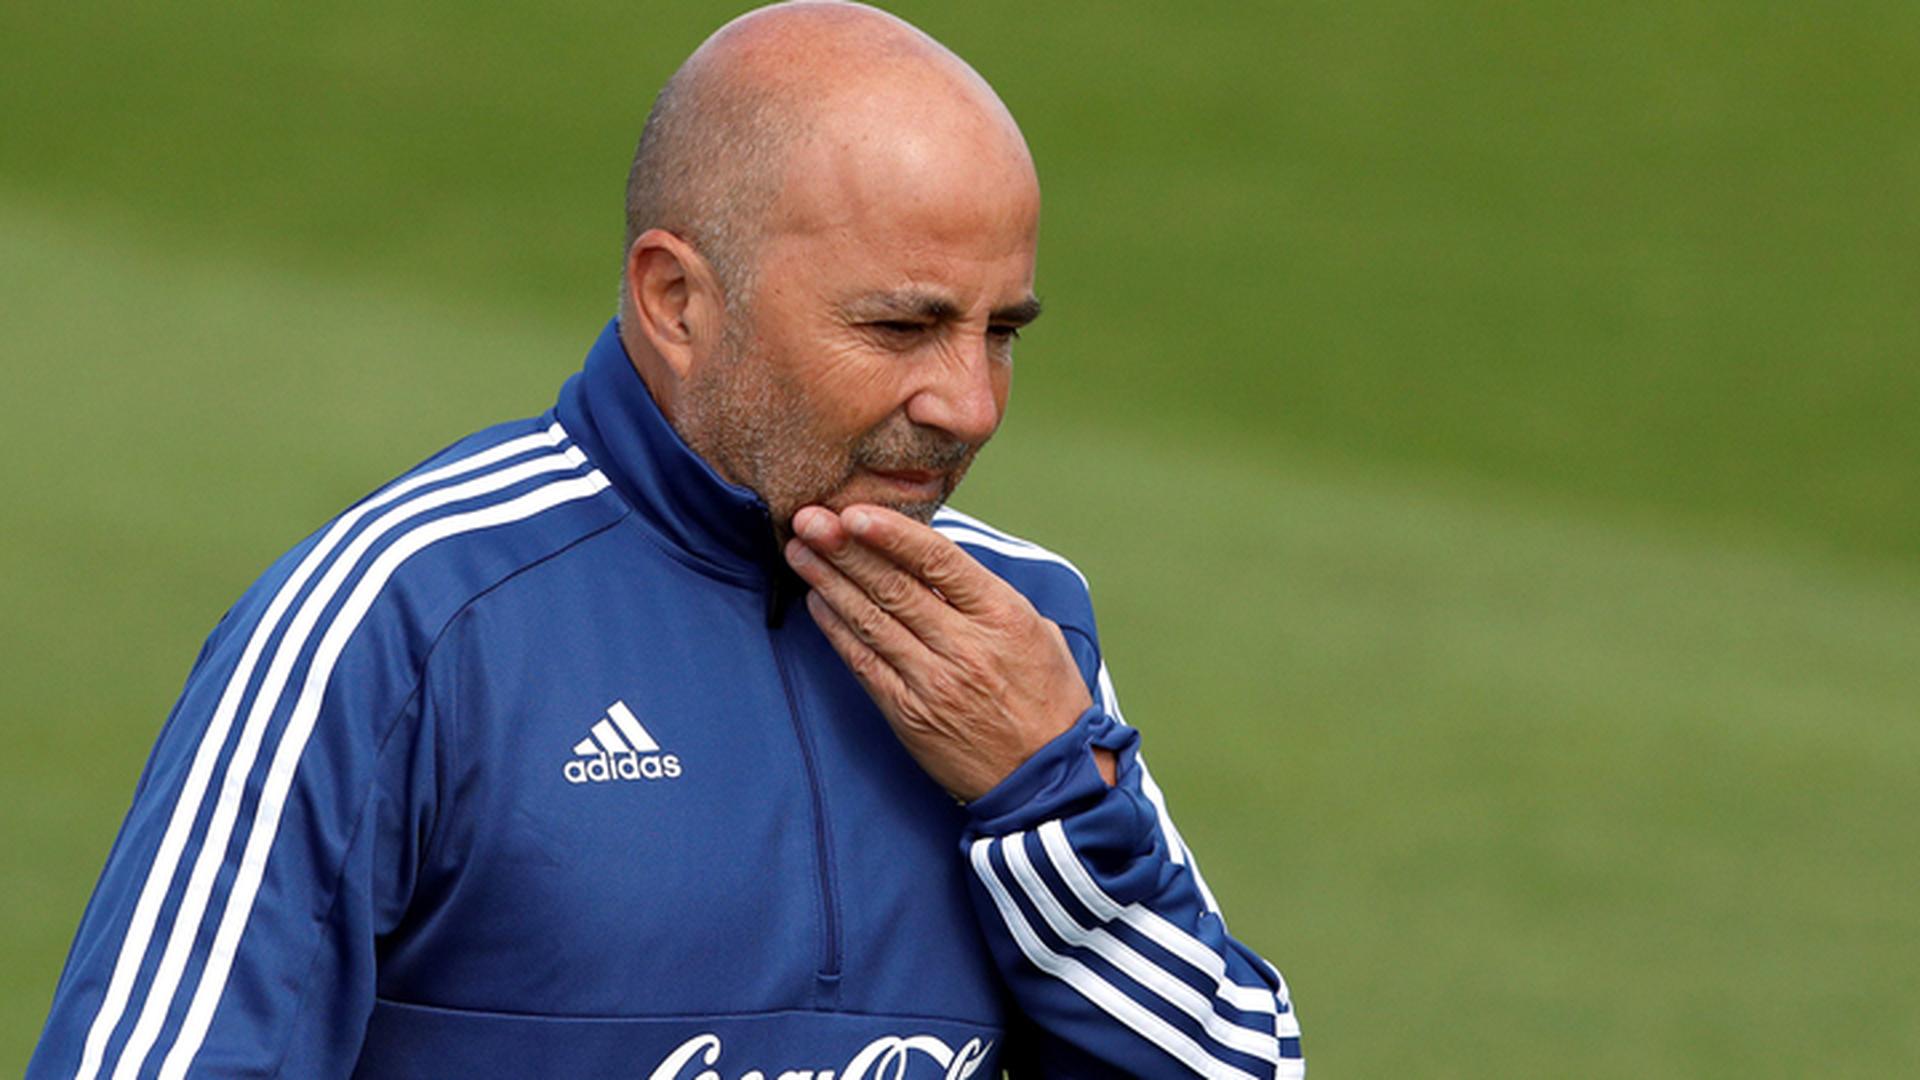 Тренер Аргентины Сампаоли будет отправлен в отставку